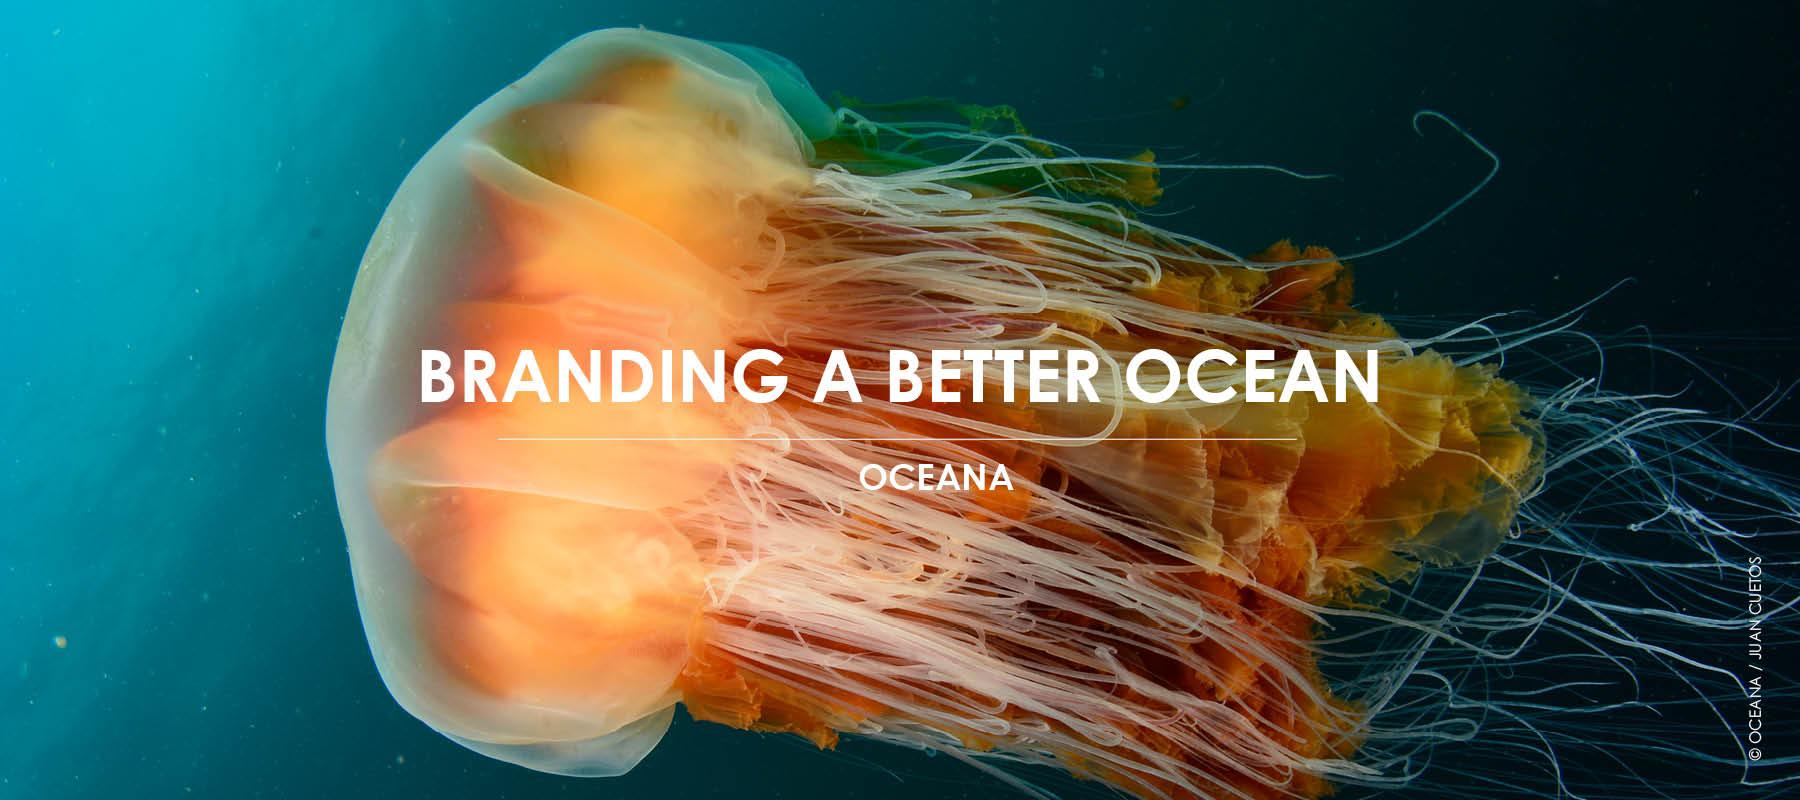 Branding A Better Ocean - Branding A Better World & Oceana